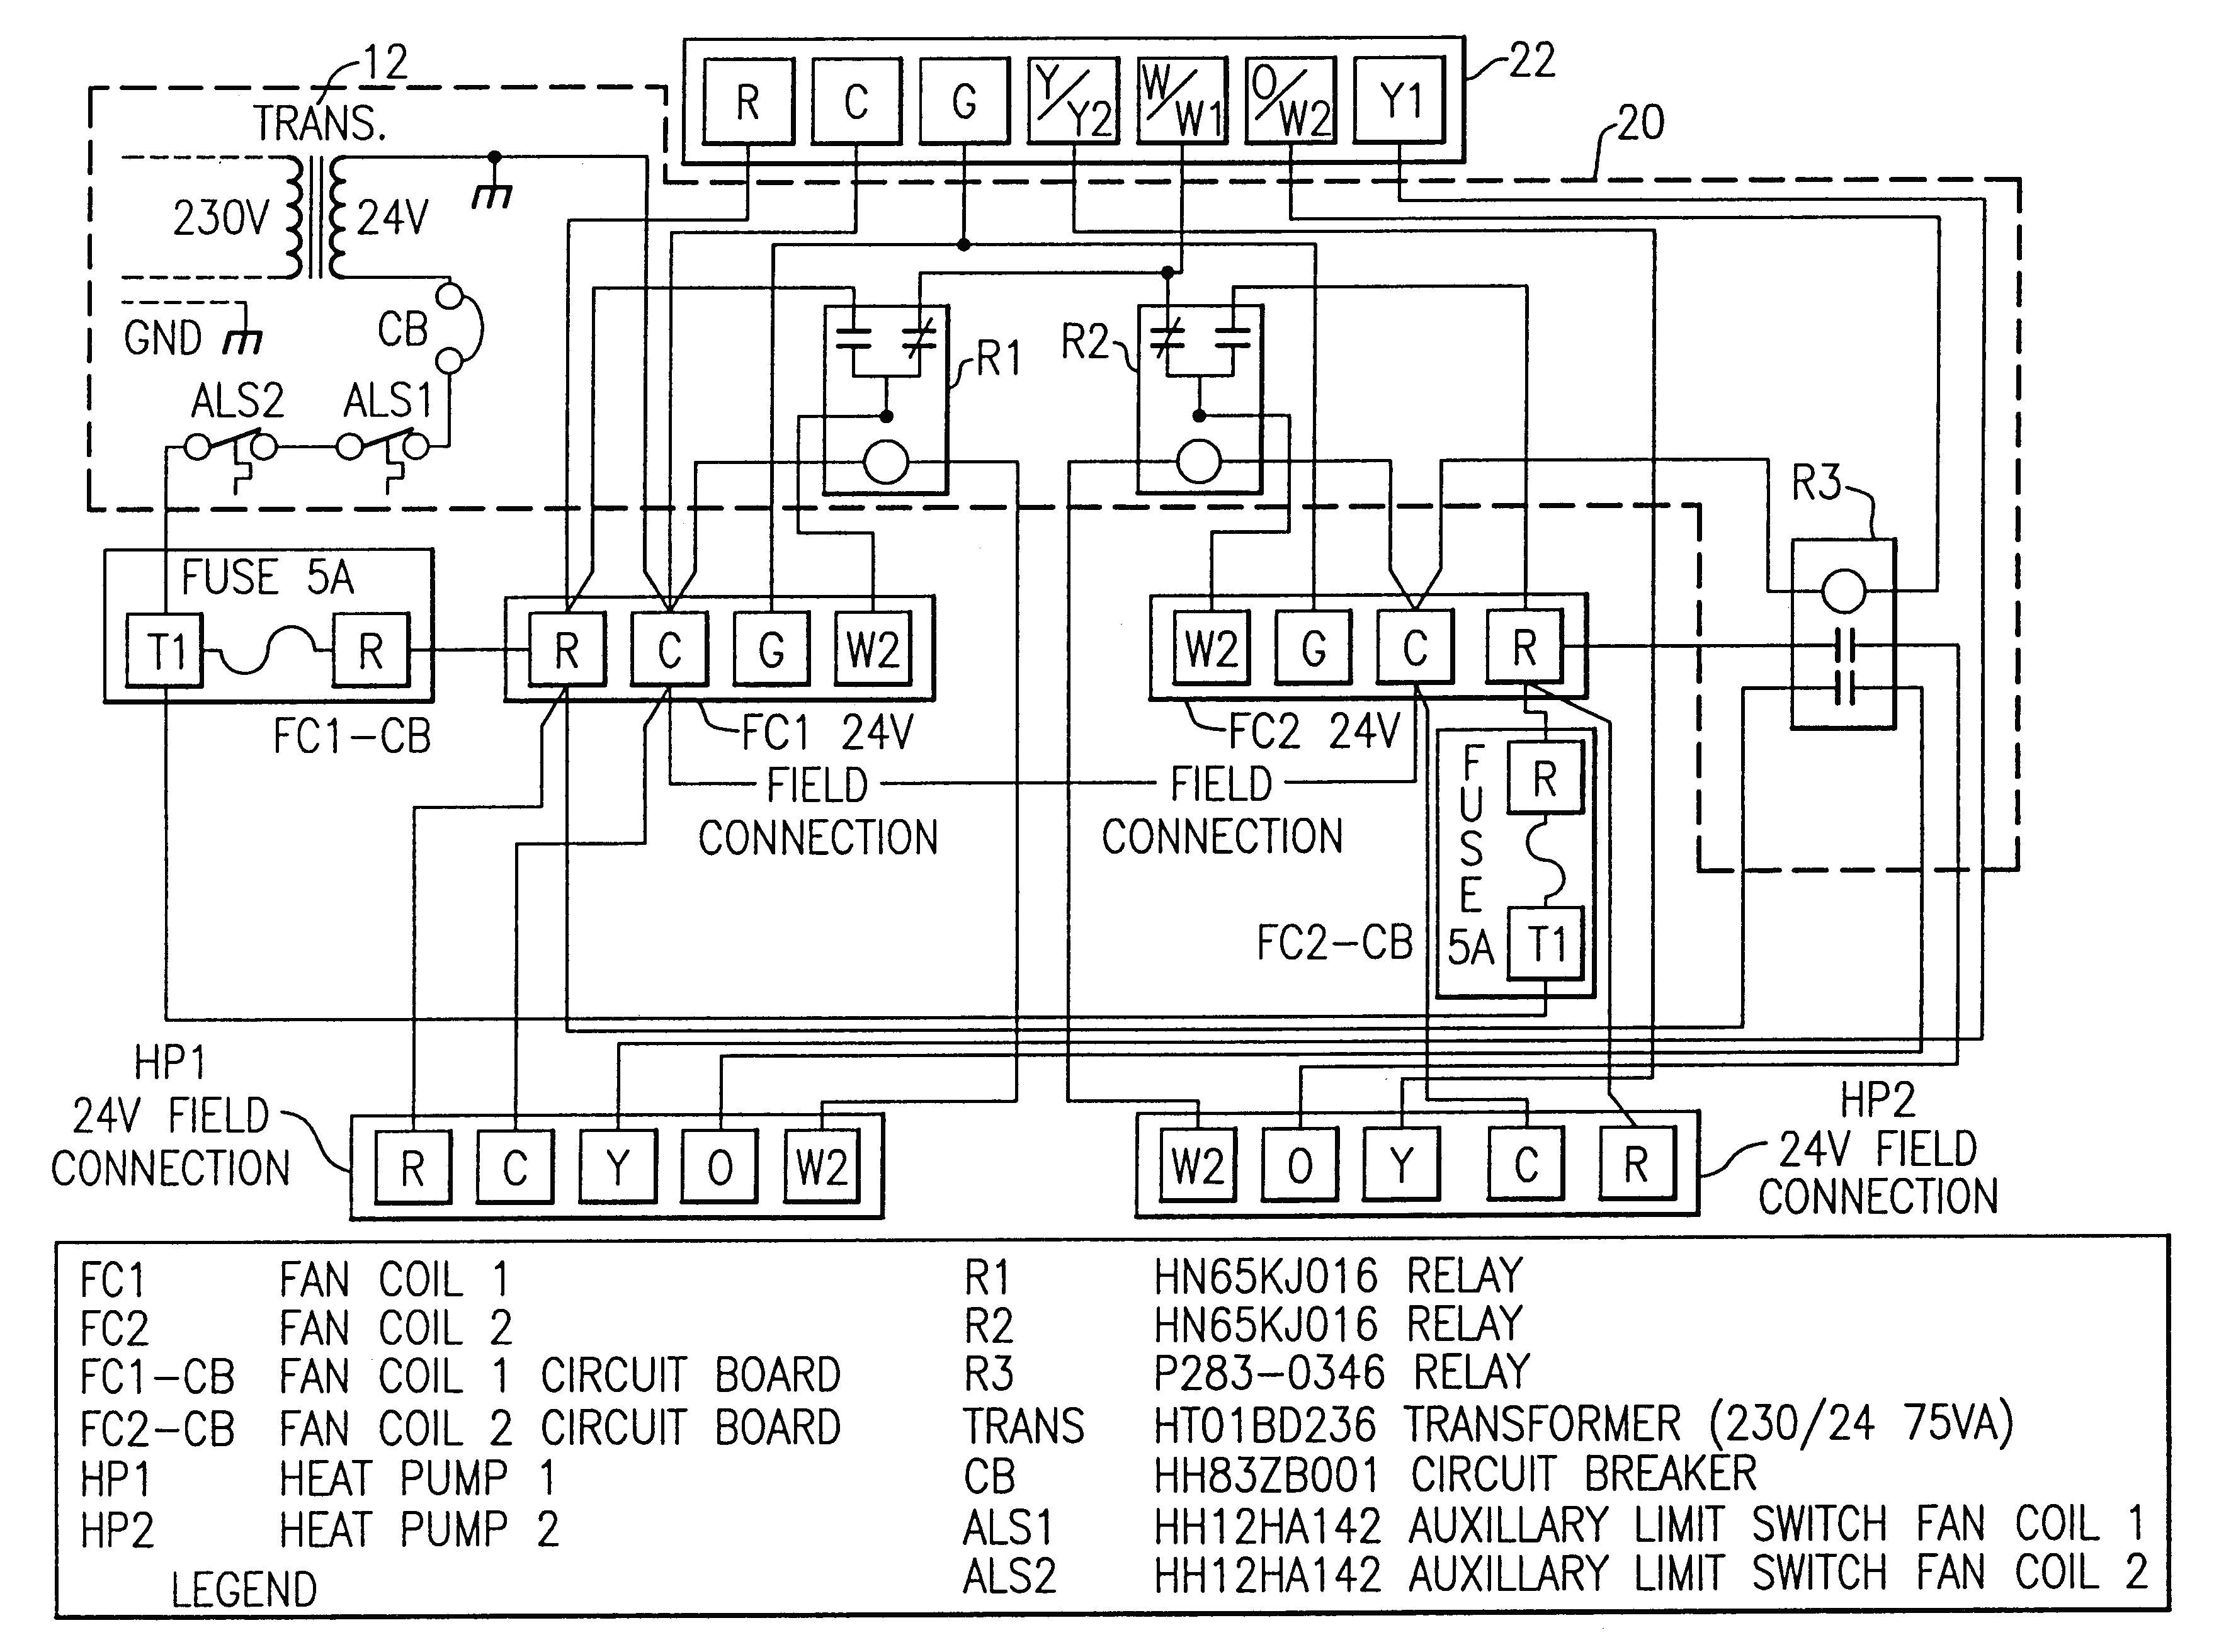 rheem air handler wiring schematic rheem hvac wiring diagram valid rheem ac wiring diagram new goodman heat pump wire colors thermostat 16h jpg